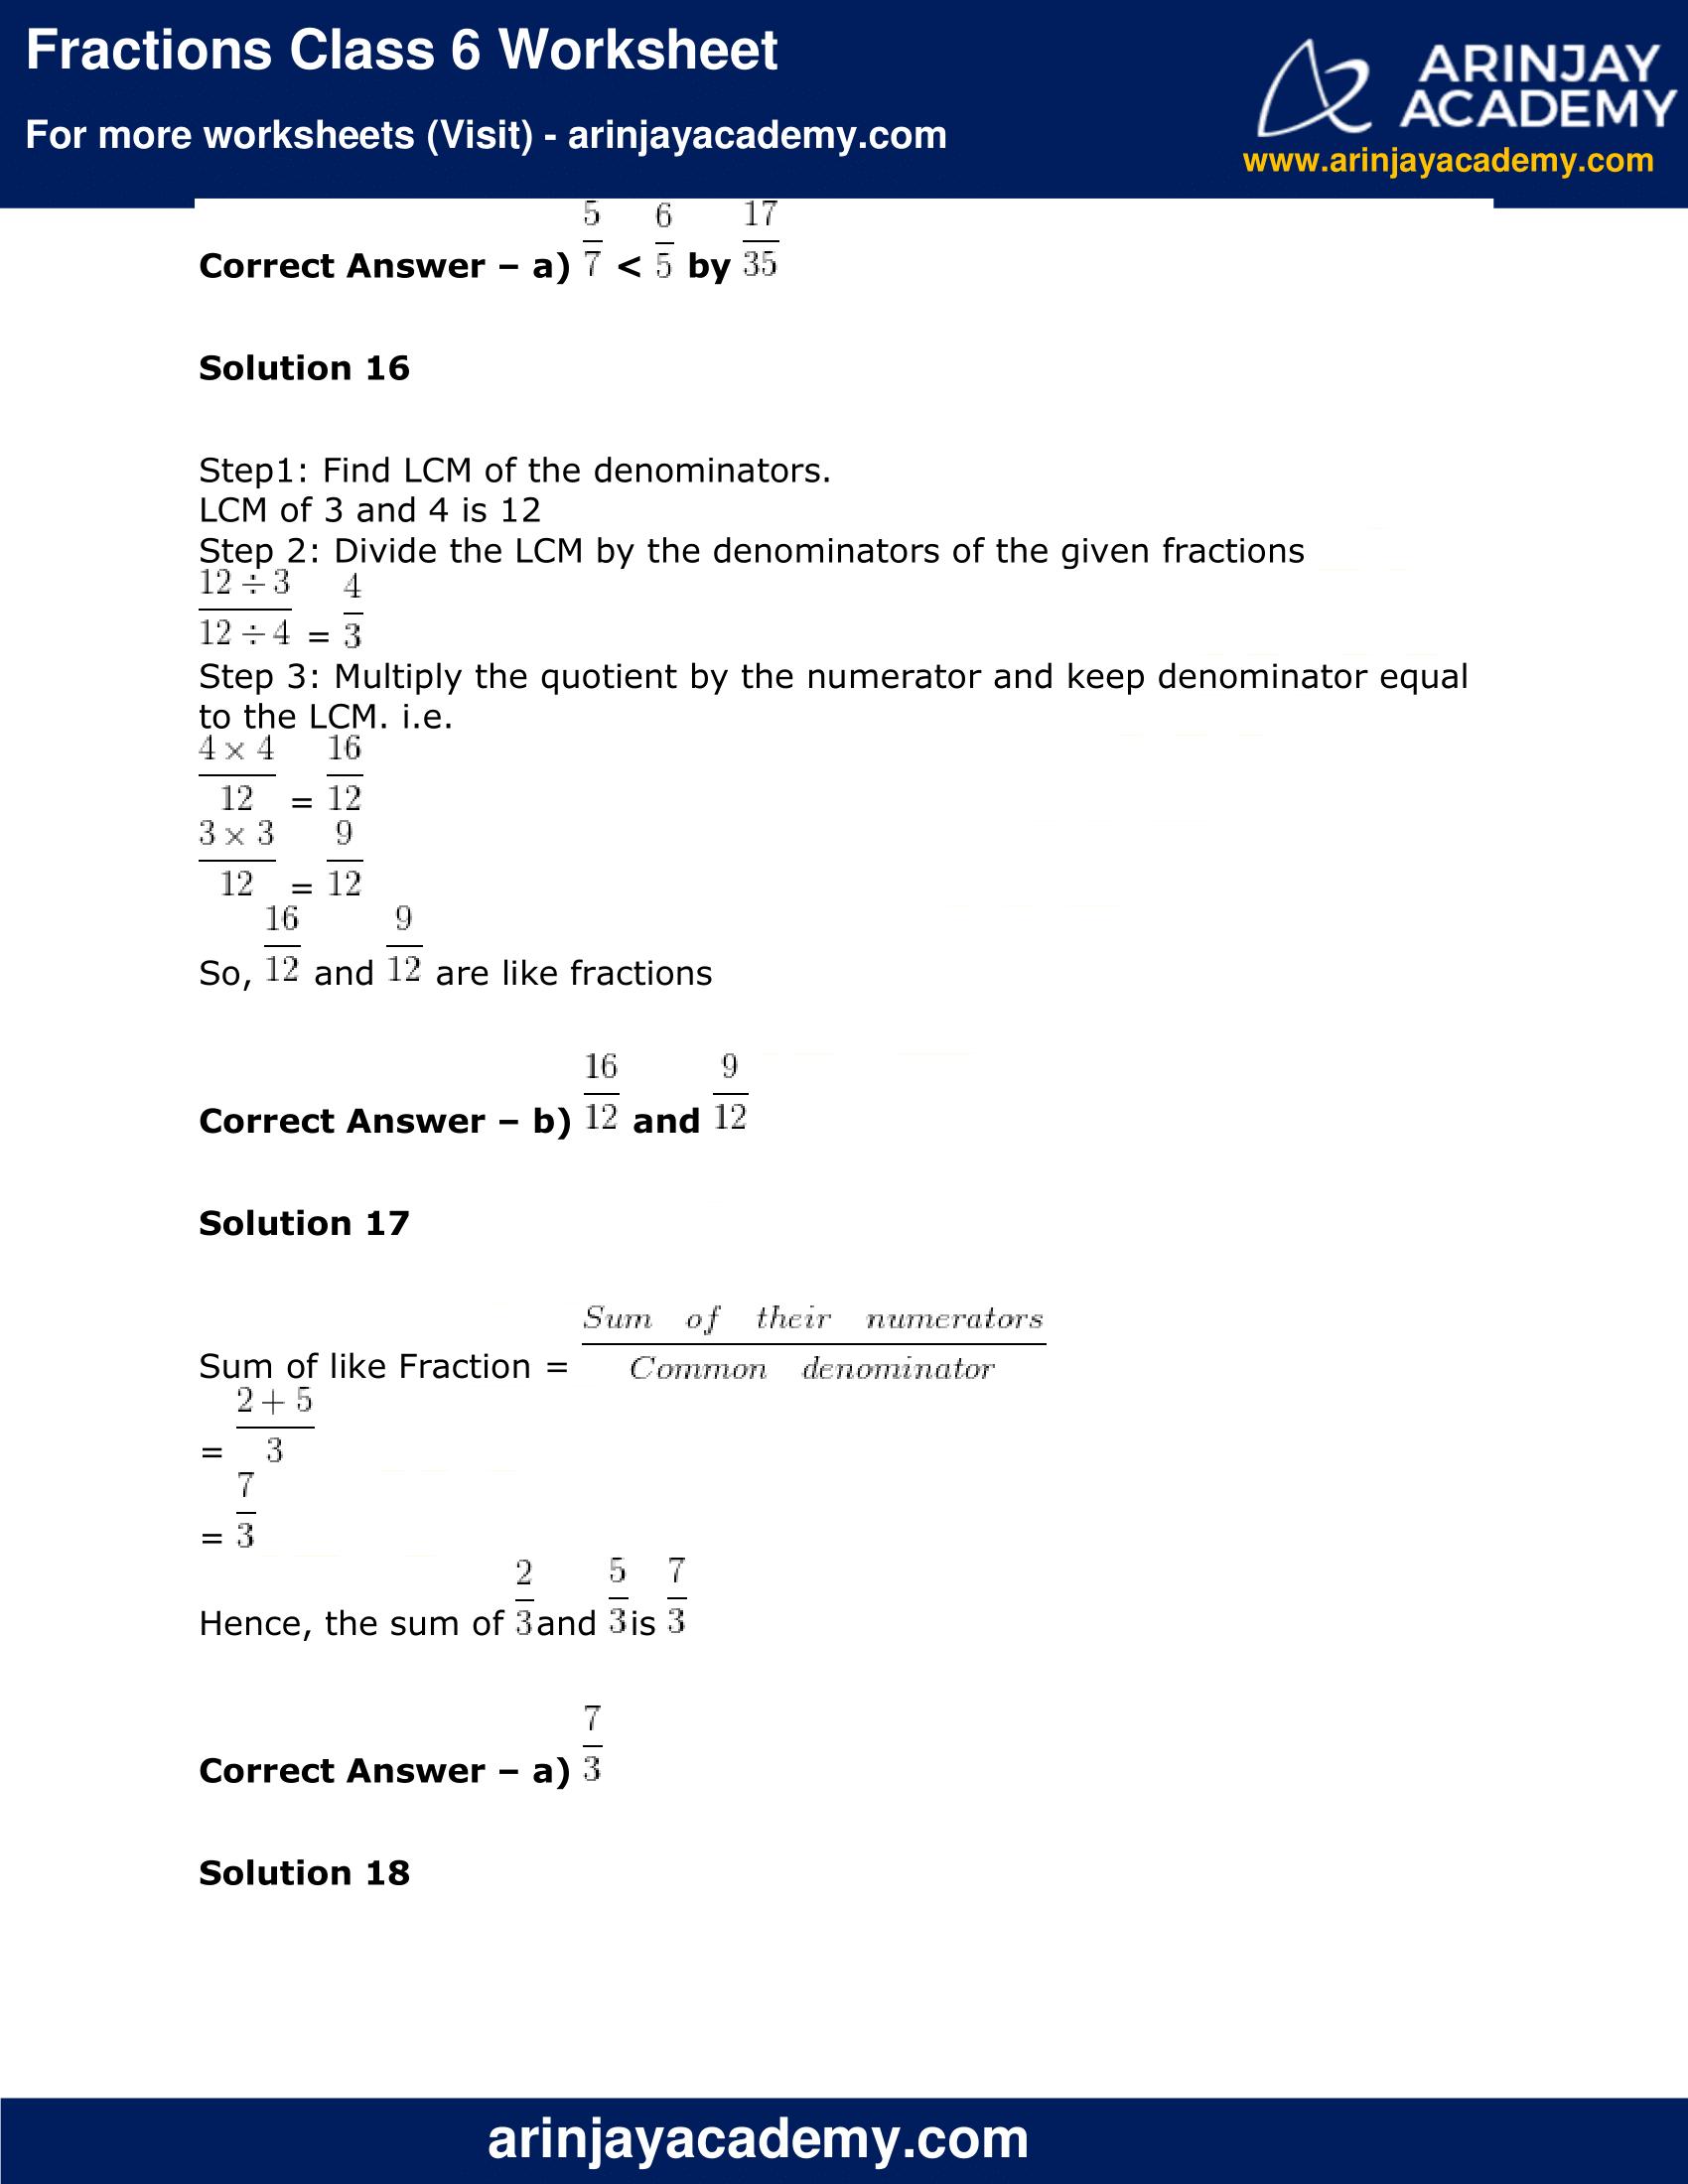 Fractions Class 6 Worksheet Maths